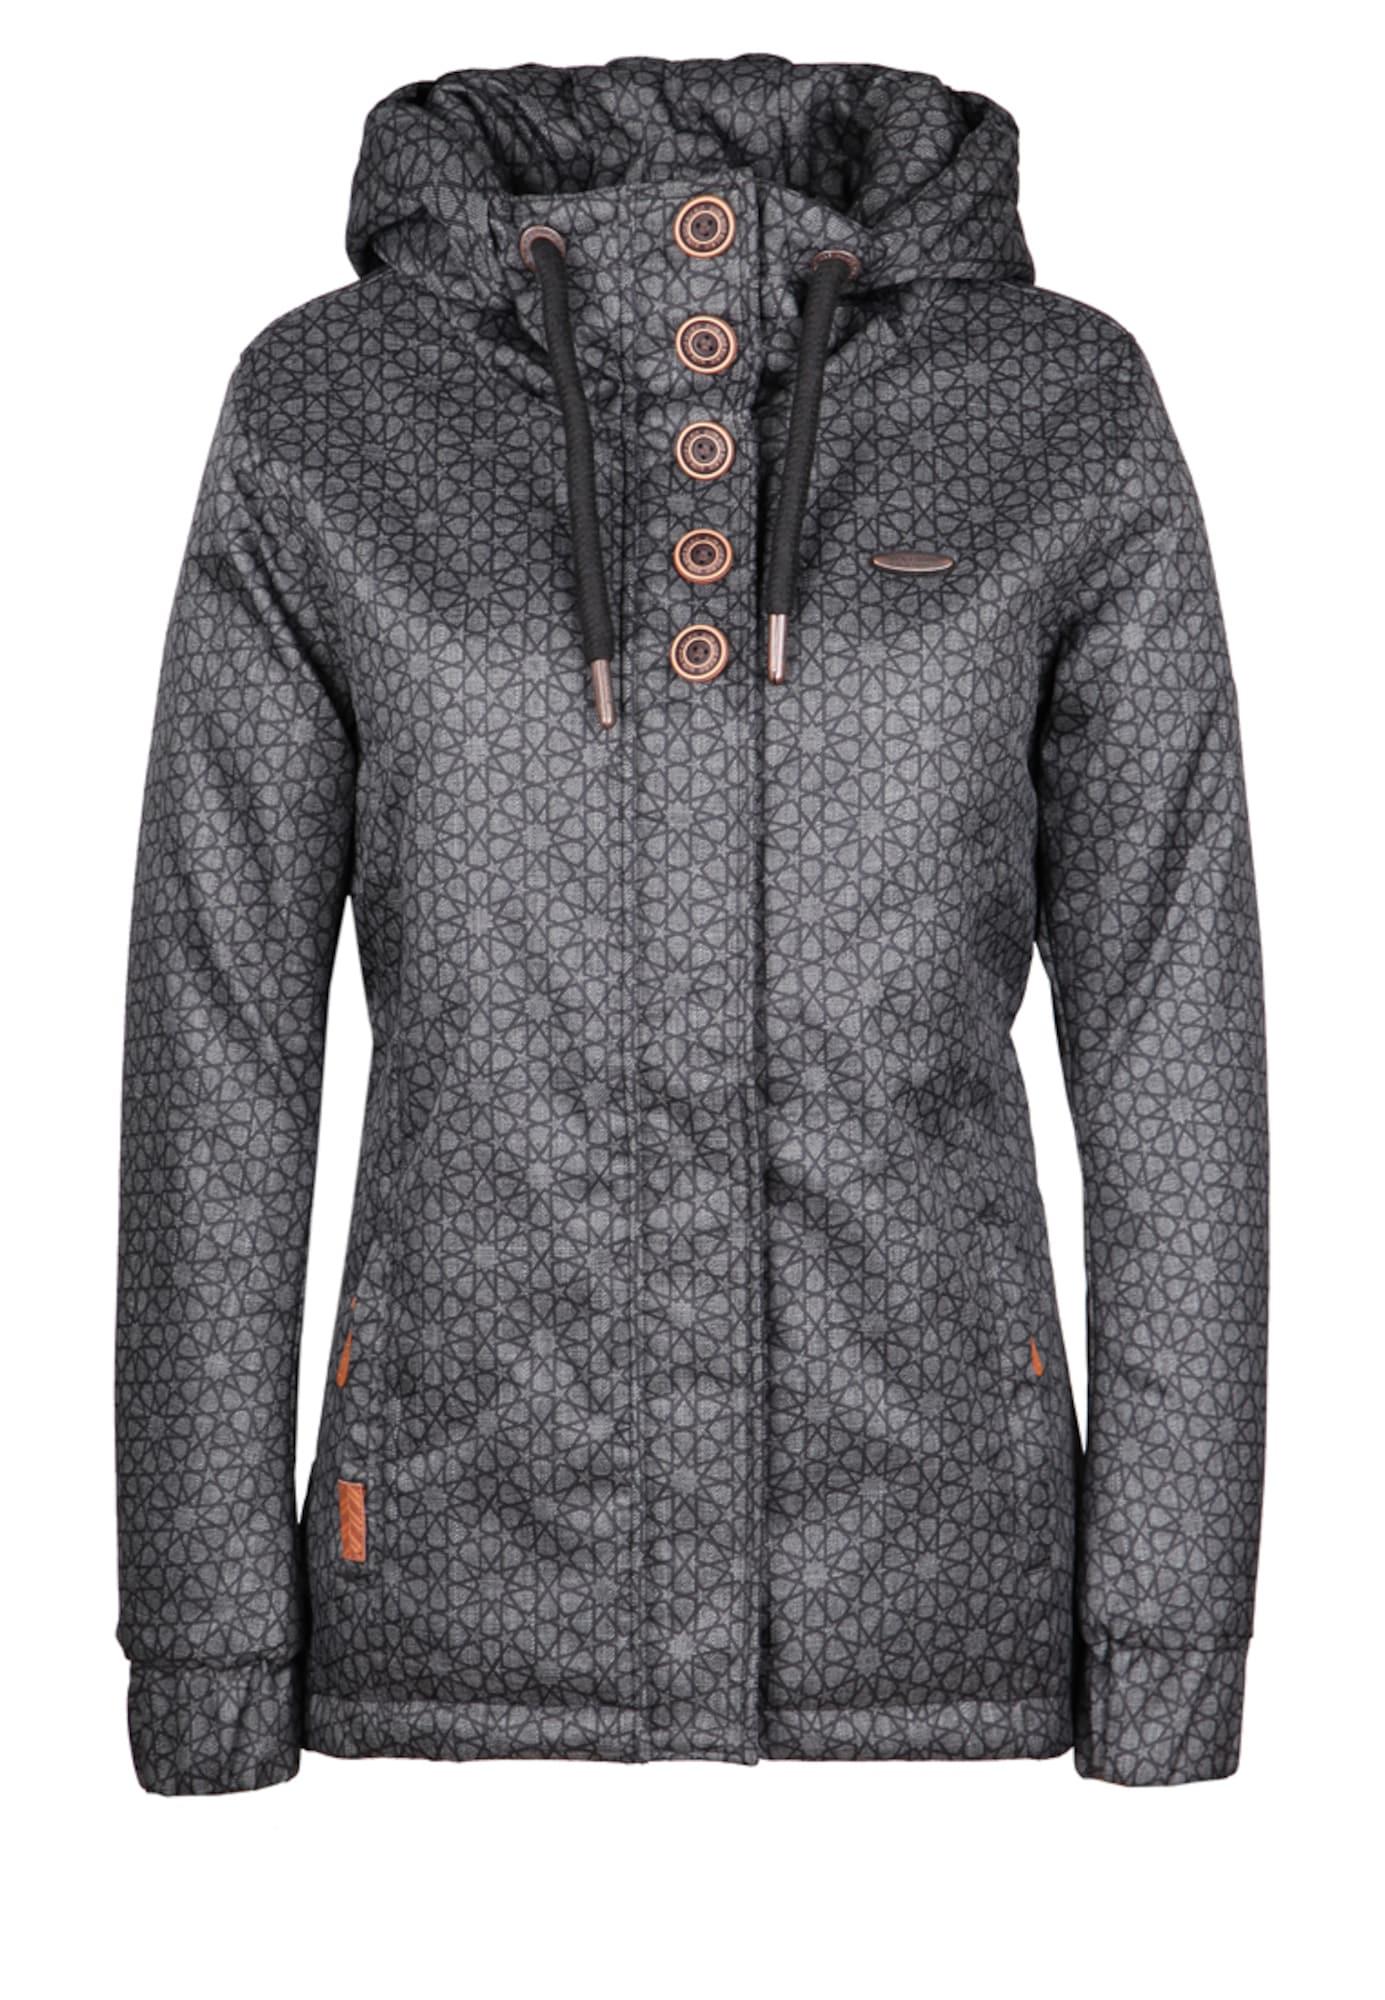 String Pocket coton gris taille M  NEOFAN Rfe CT01 envoi gratuit